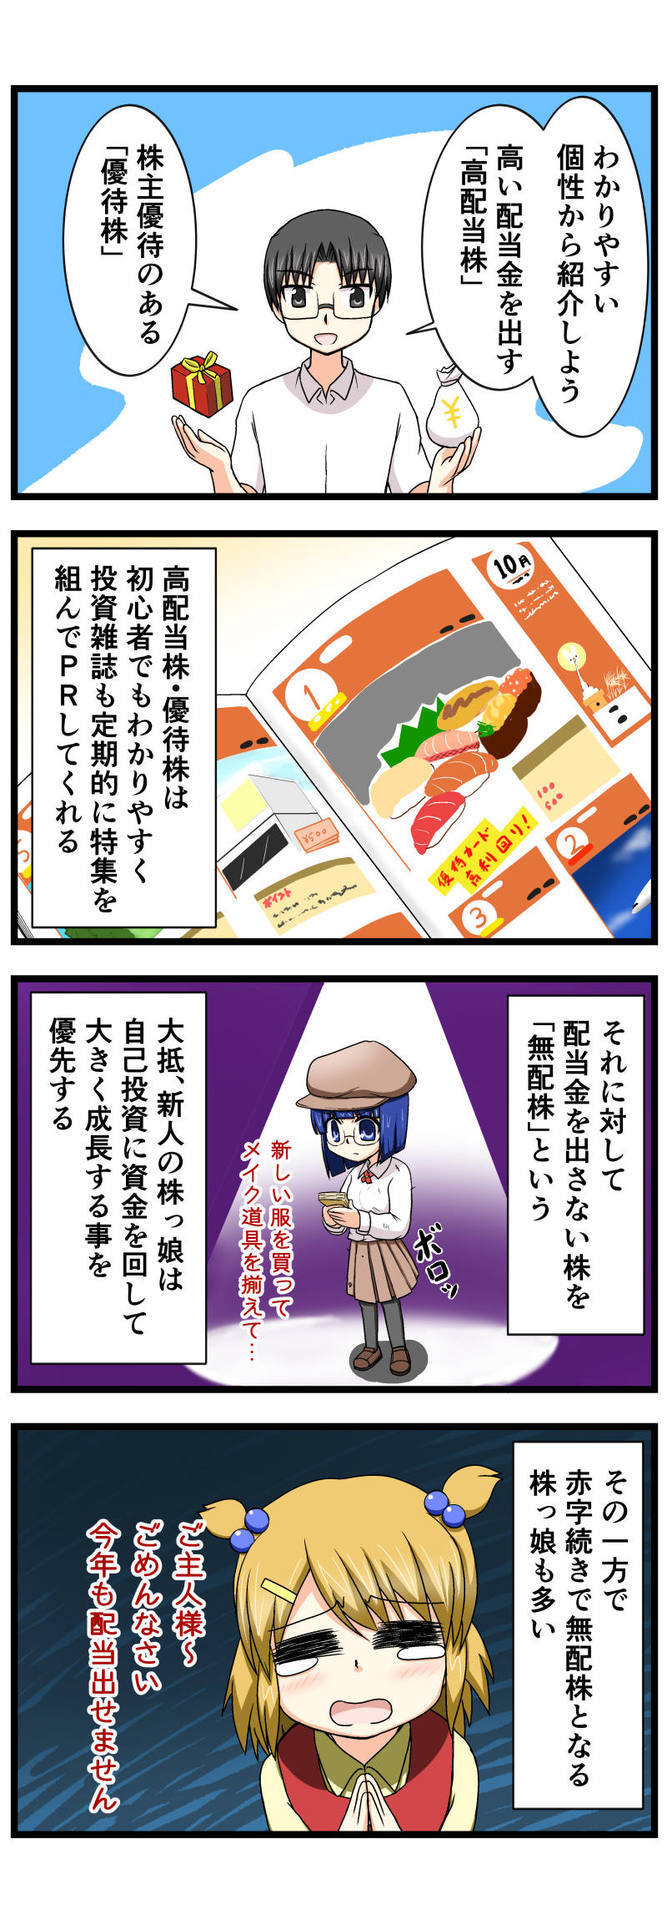 萌える株セミナー45.jpg